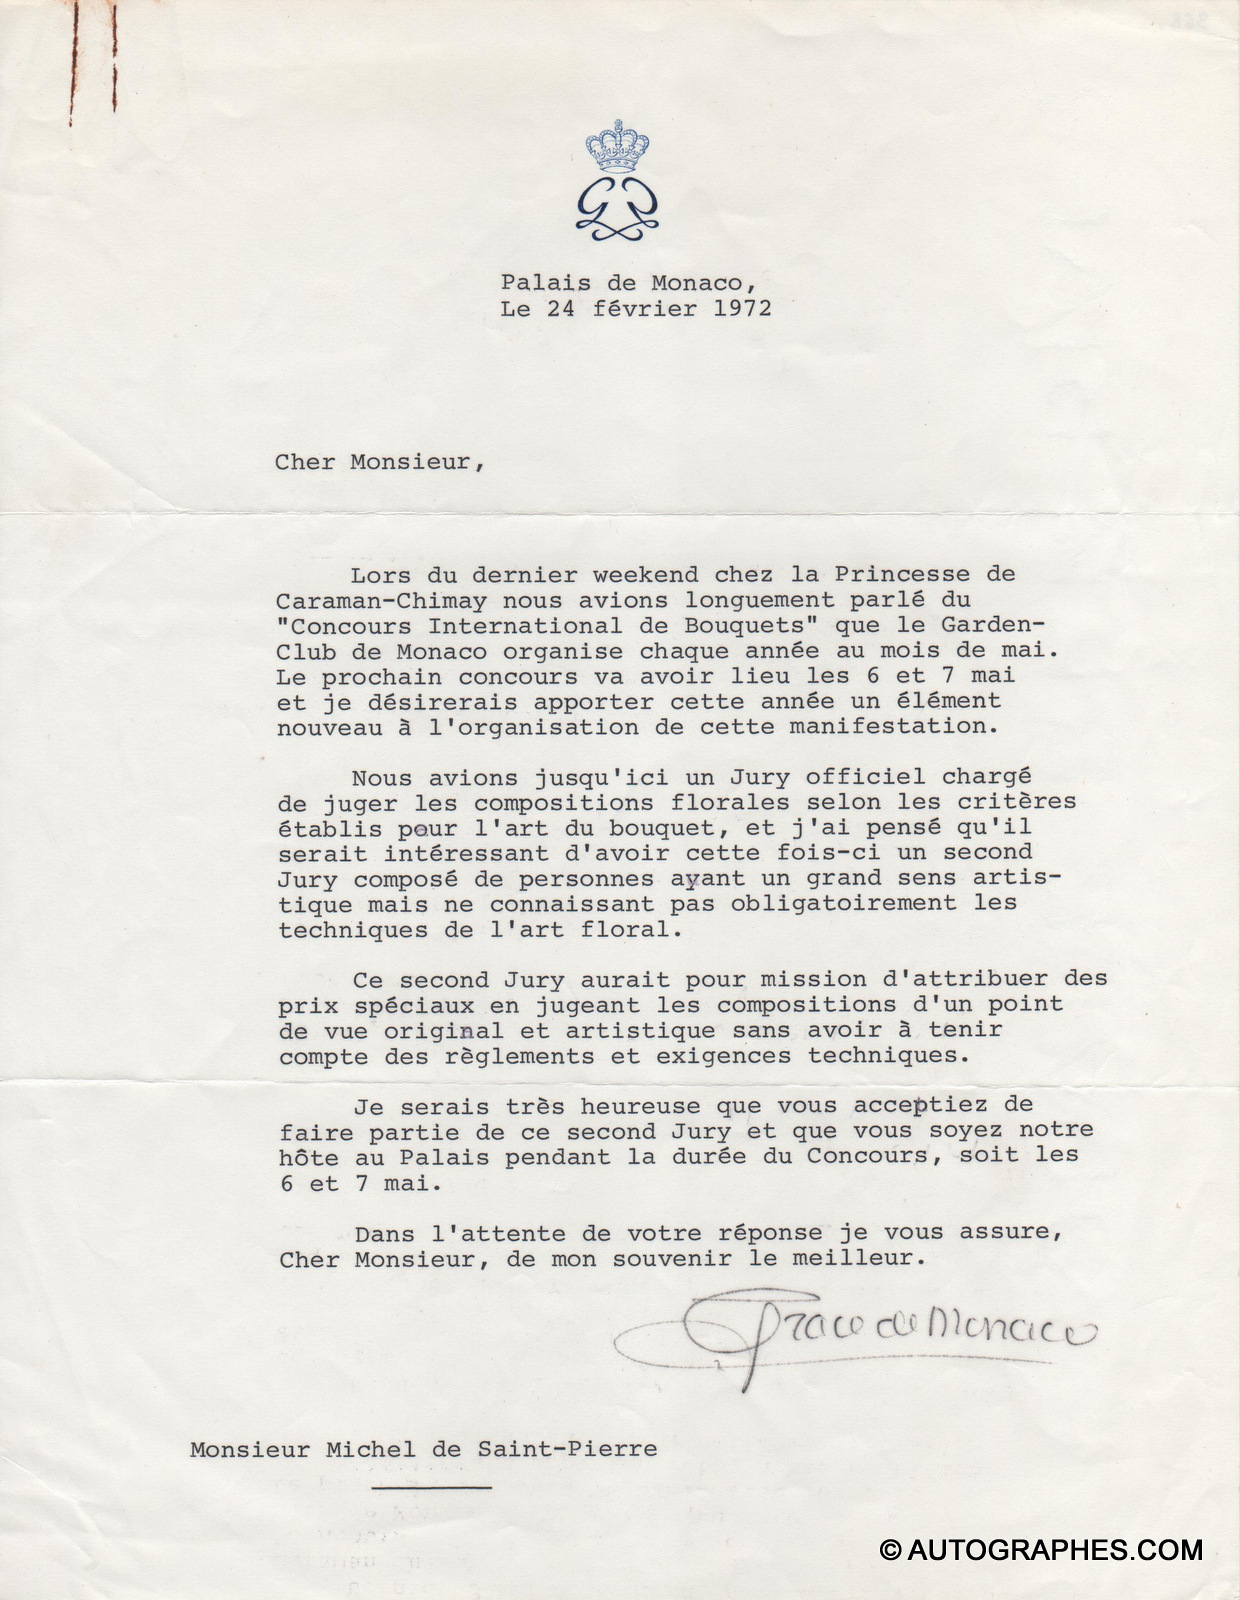 lettre-dactylographiee-signe-princesse-grace-de-monaco-1972